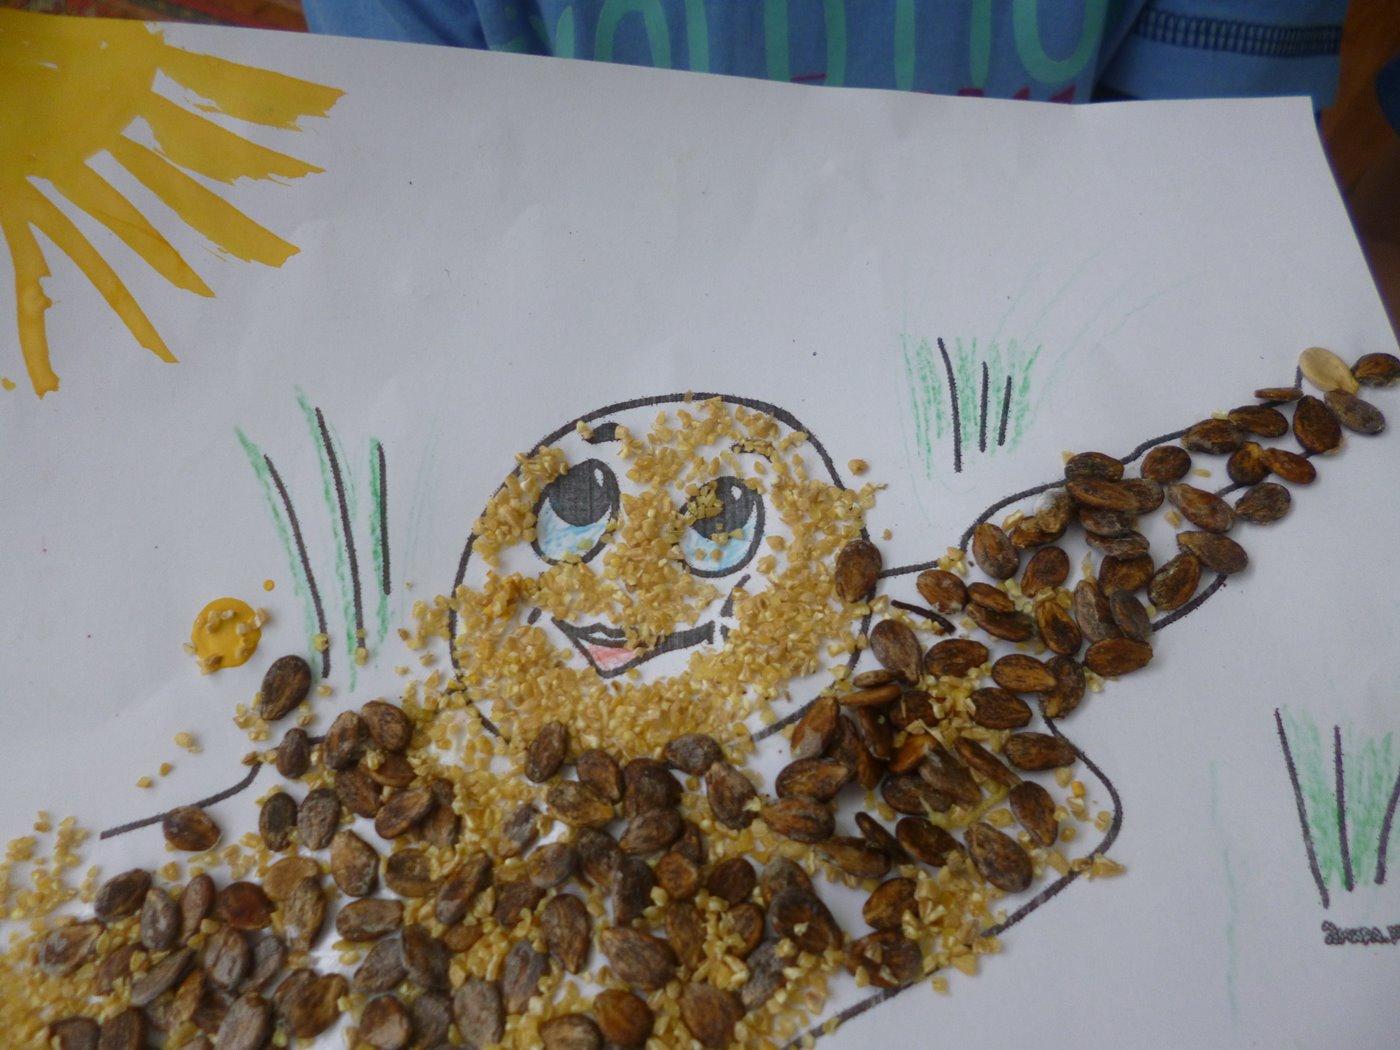 Аппликации и поделки из семян и круп 90 фотографий - Pinterest 68